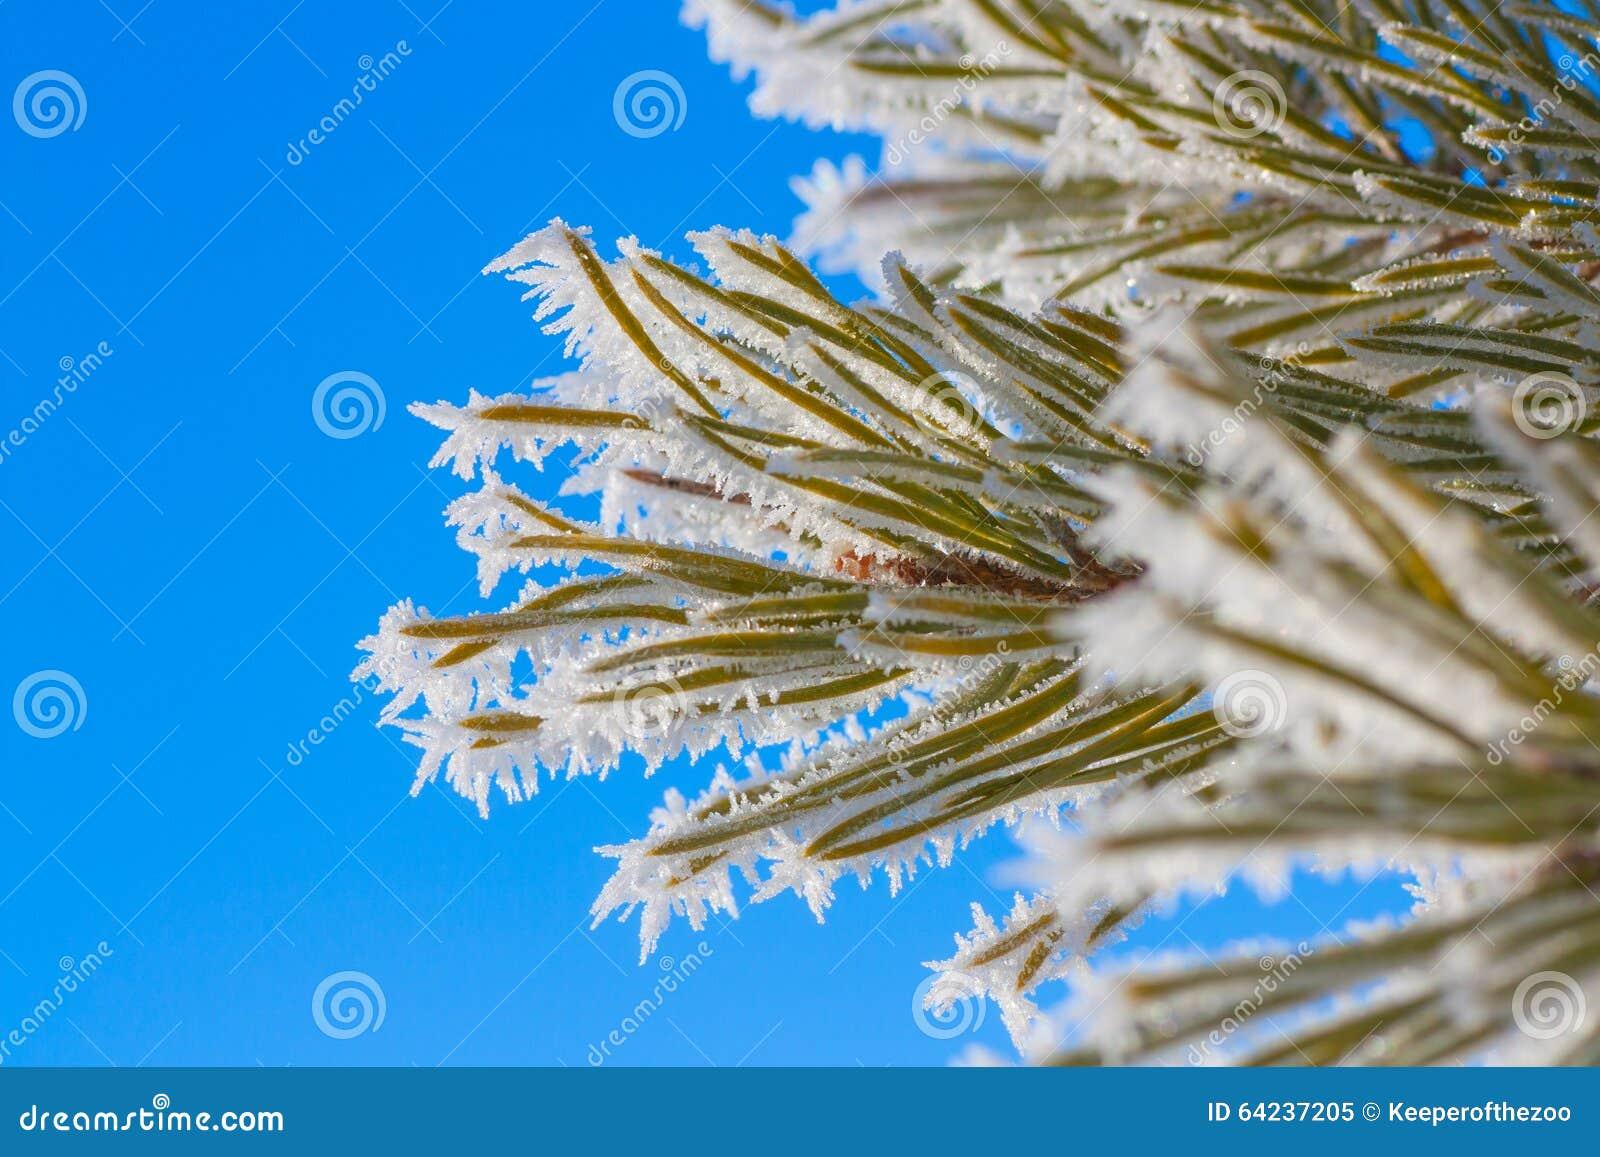 Hoar Frost on Pine Needles